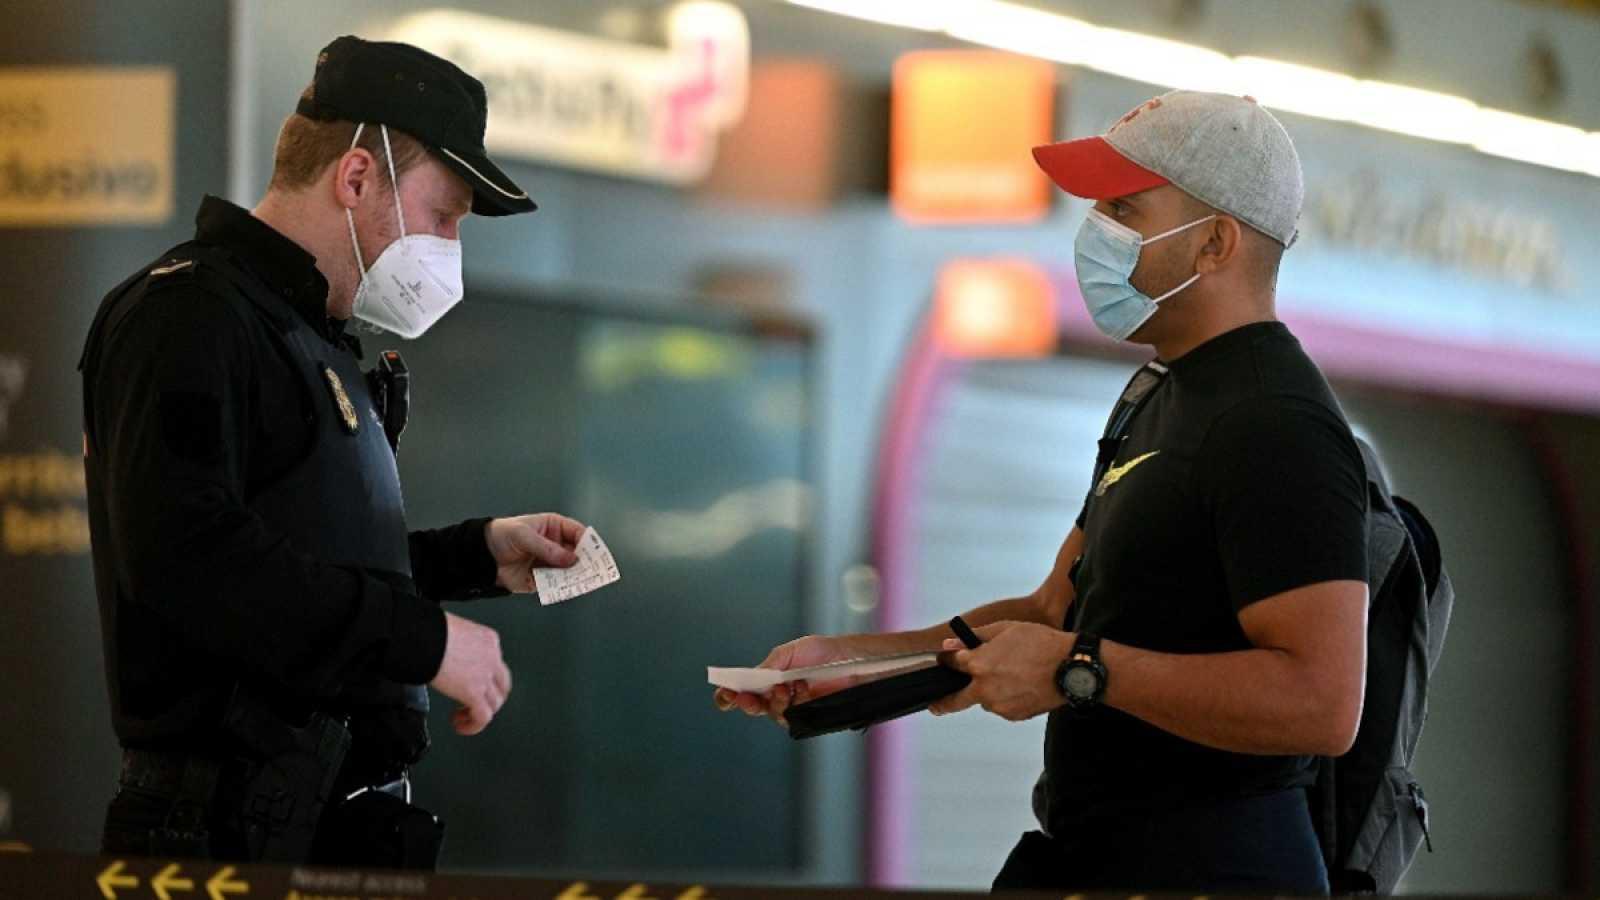 Un agente pide la documentación a un hombre en una estación